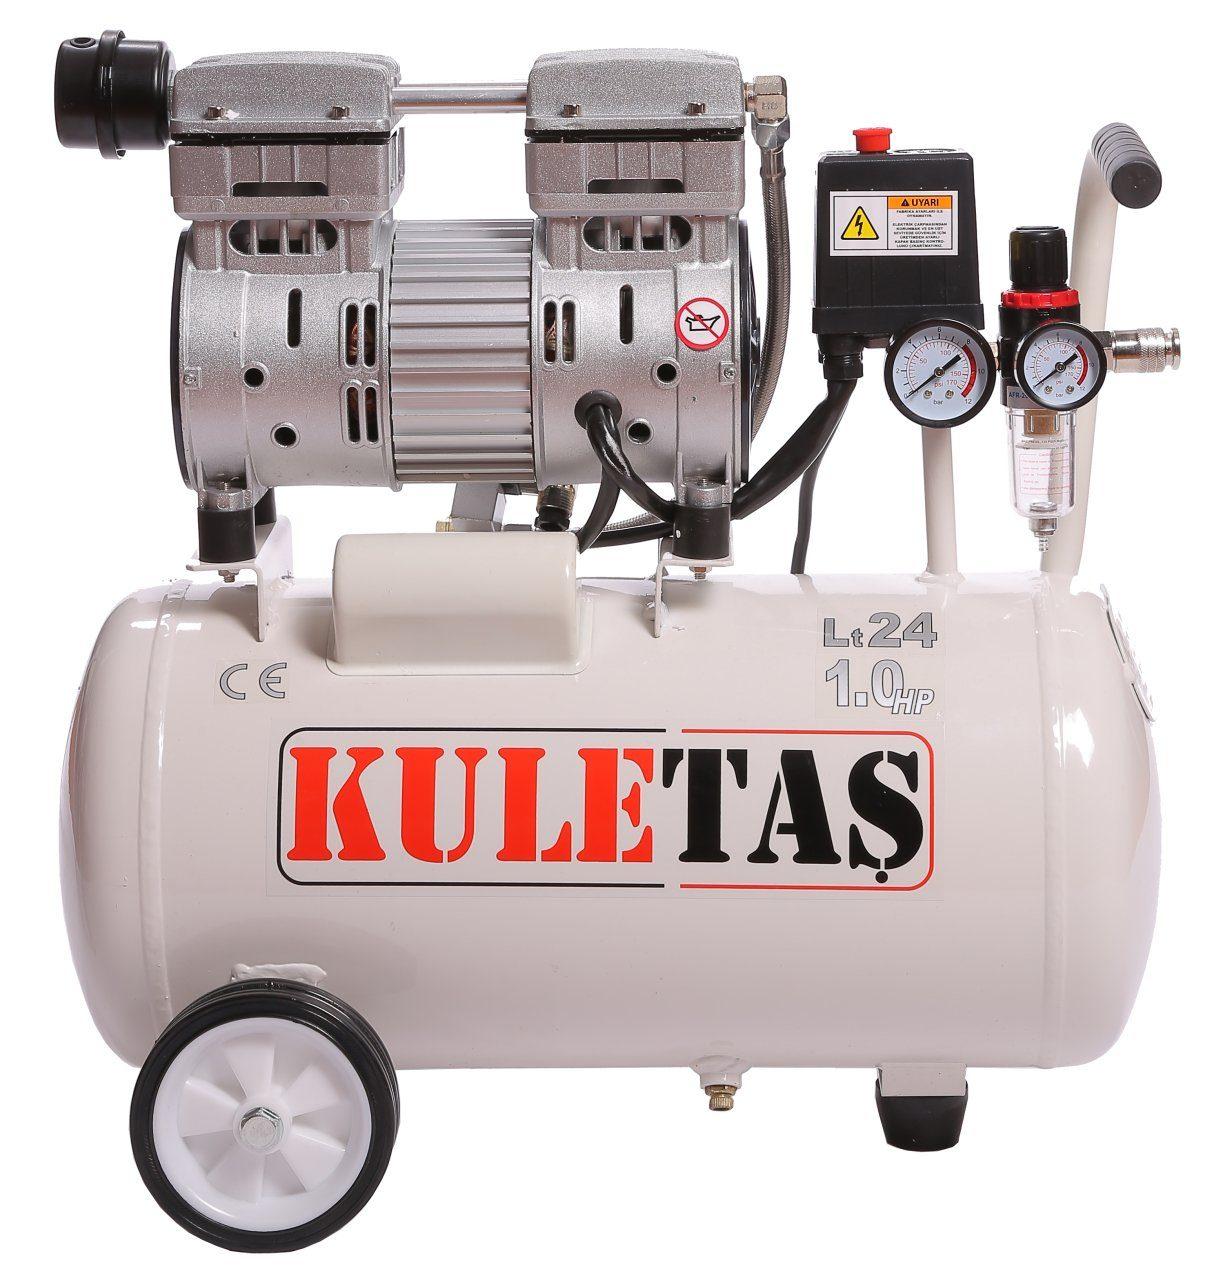 kuletas-sessiz-kompresor-24-litre-img-0177